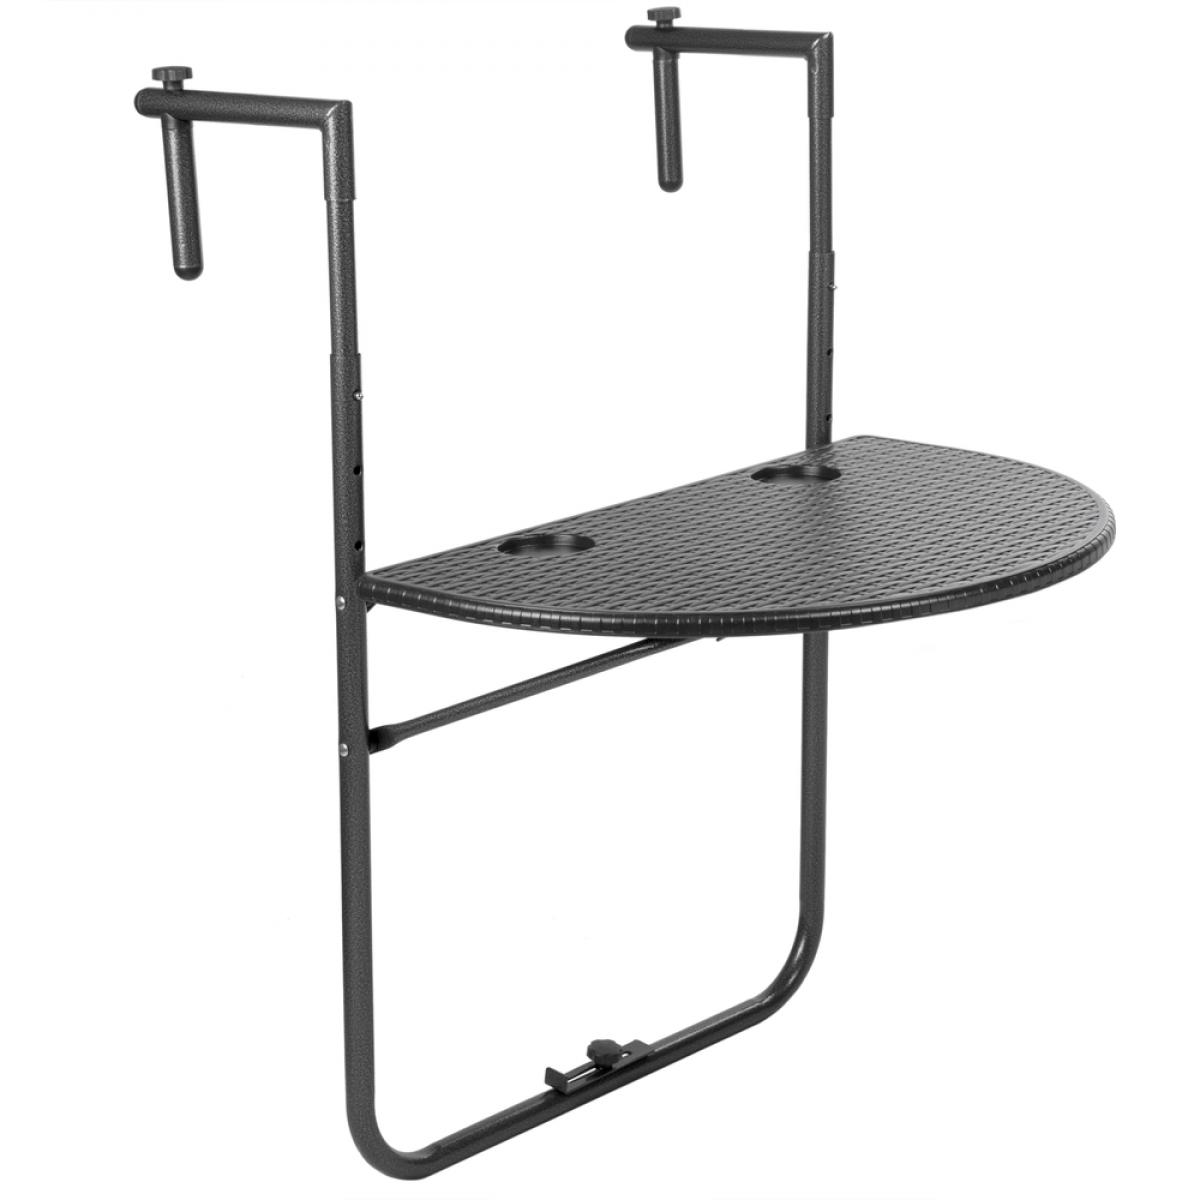 Primematik Table semi-circulaire réglable pour balcon 60x39cm noir